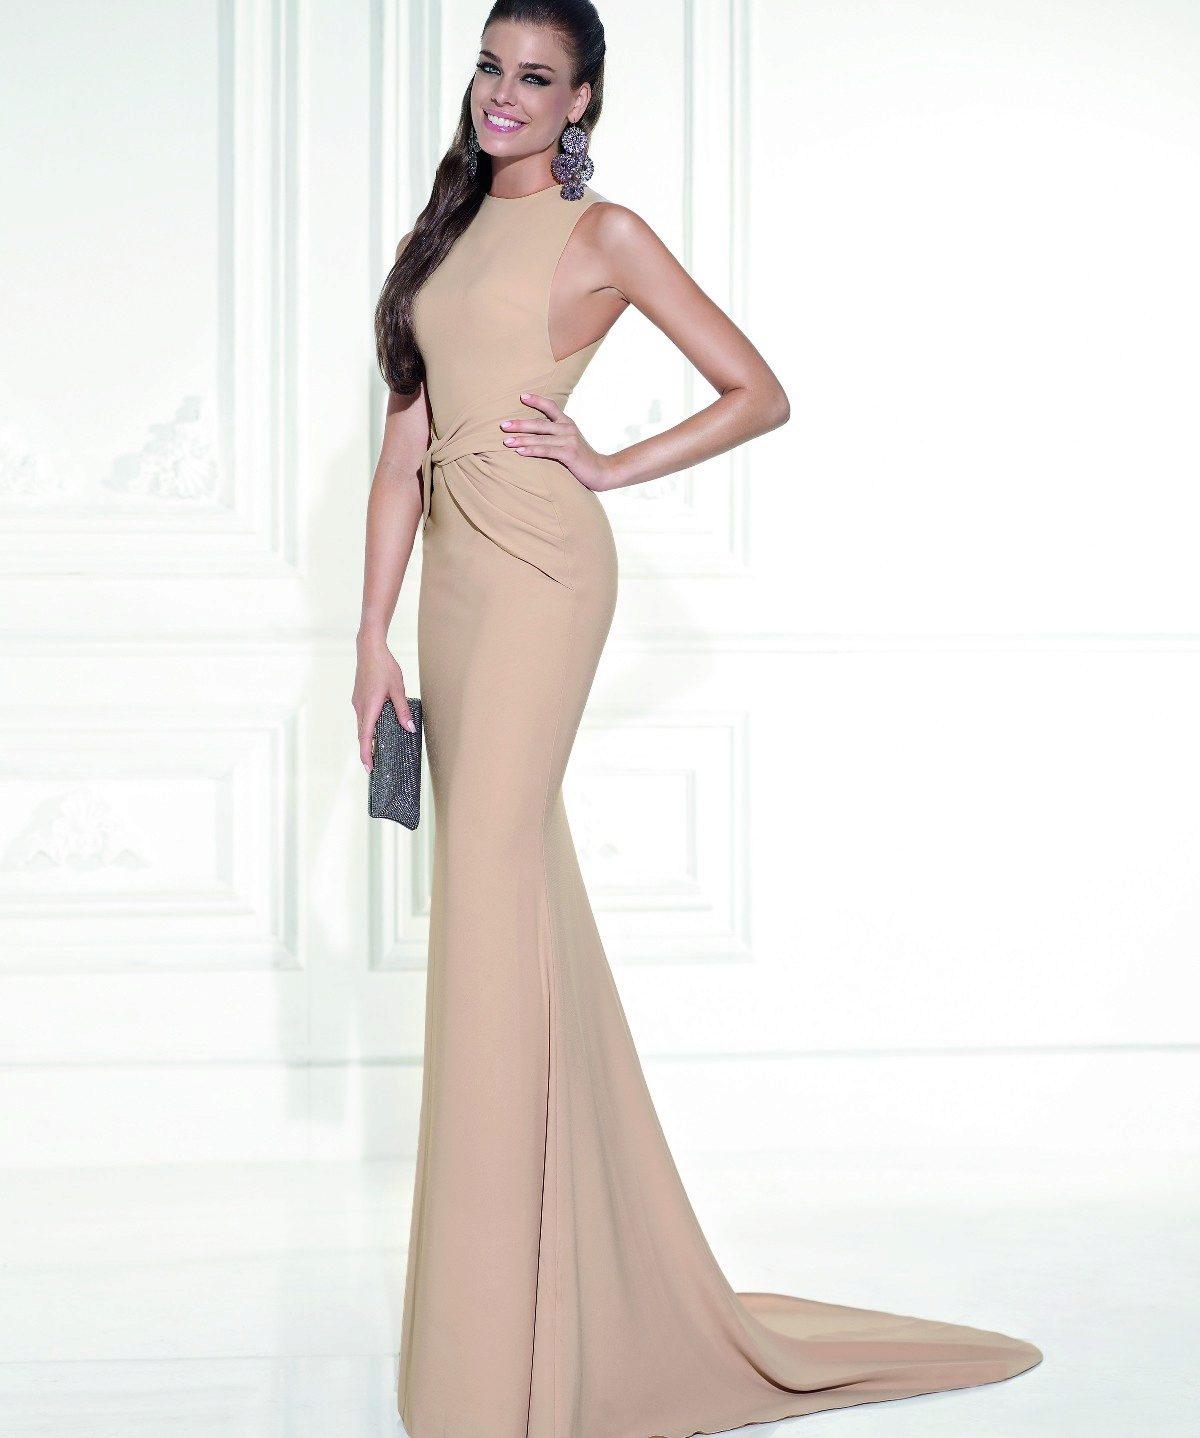 Золотисто бежевый цвет платья